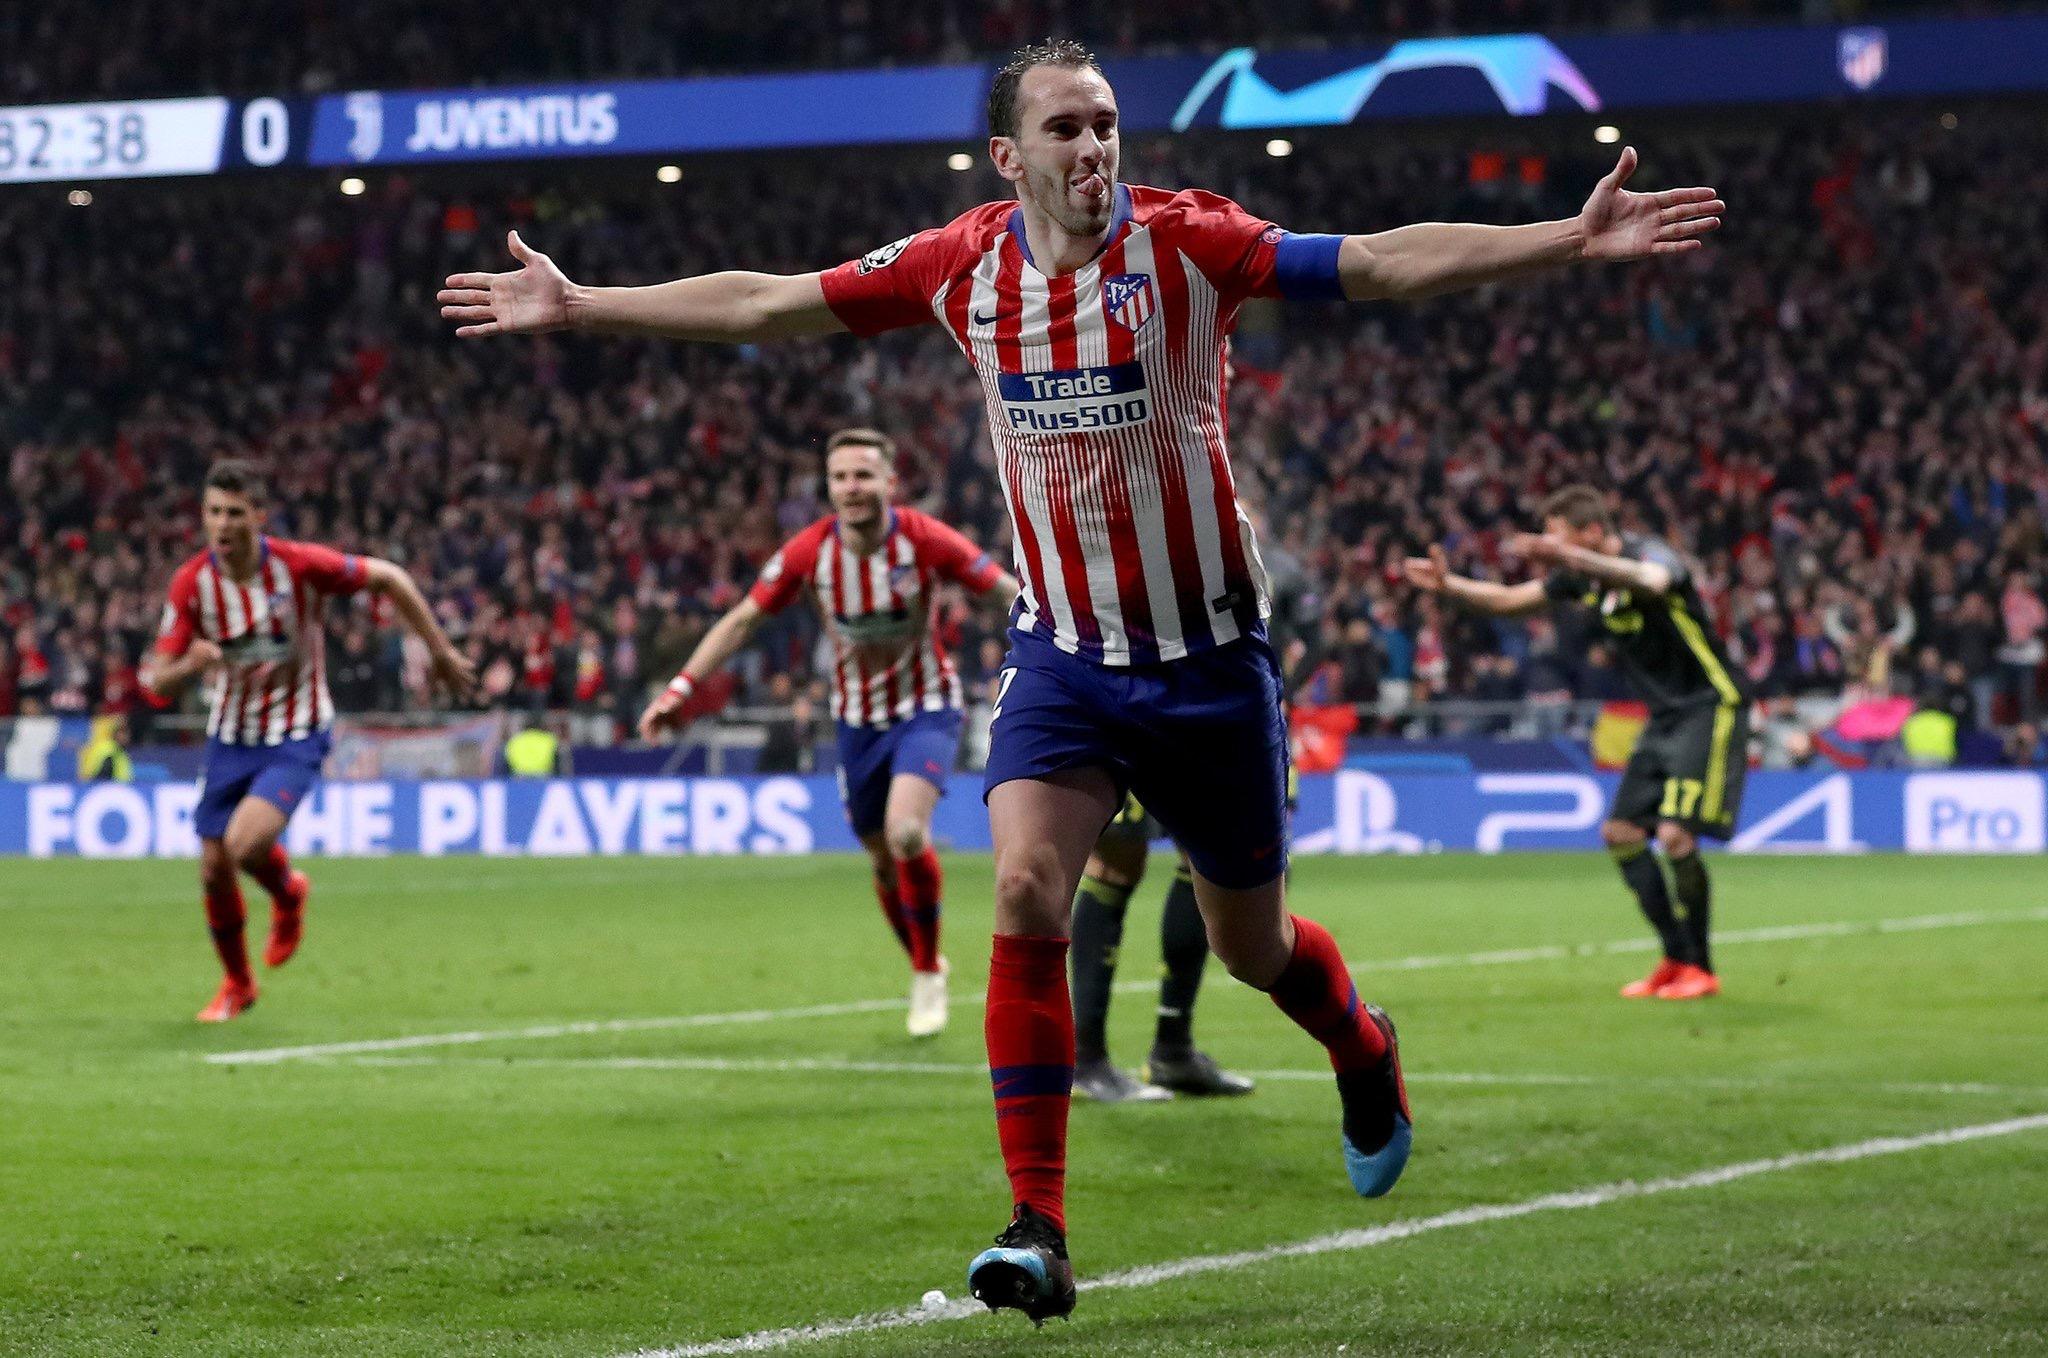 Récap Ligue des champions #8 : l'Atlético solide, l'OL peut y croire